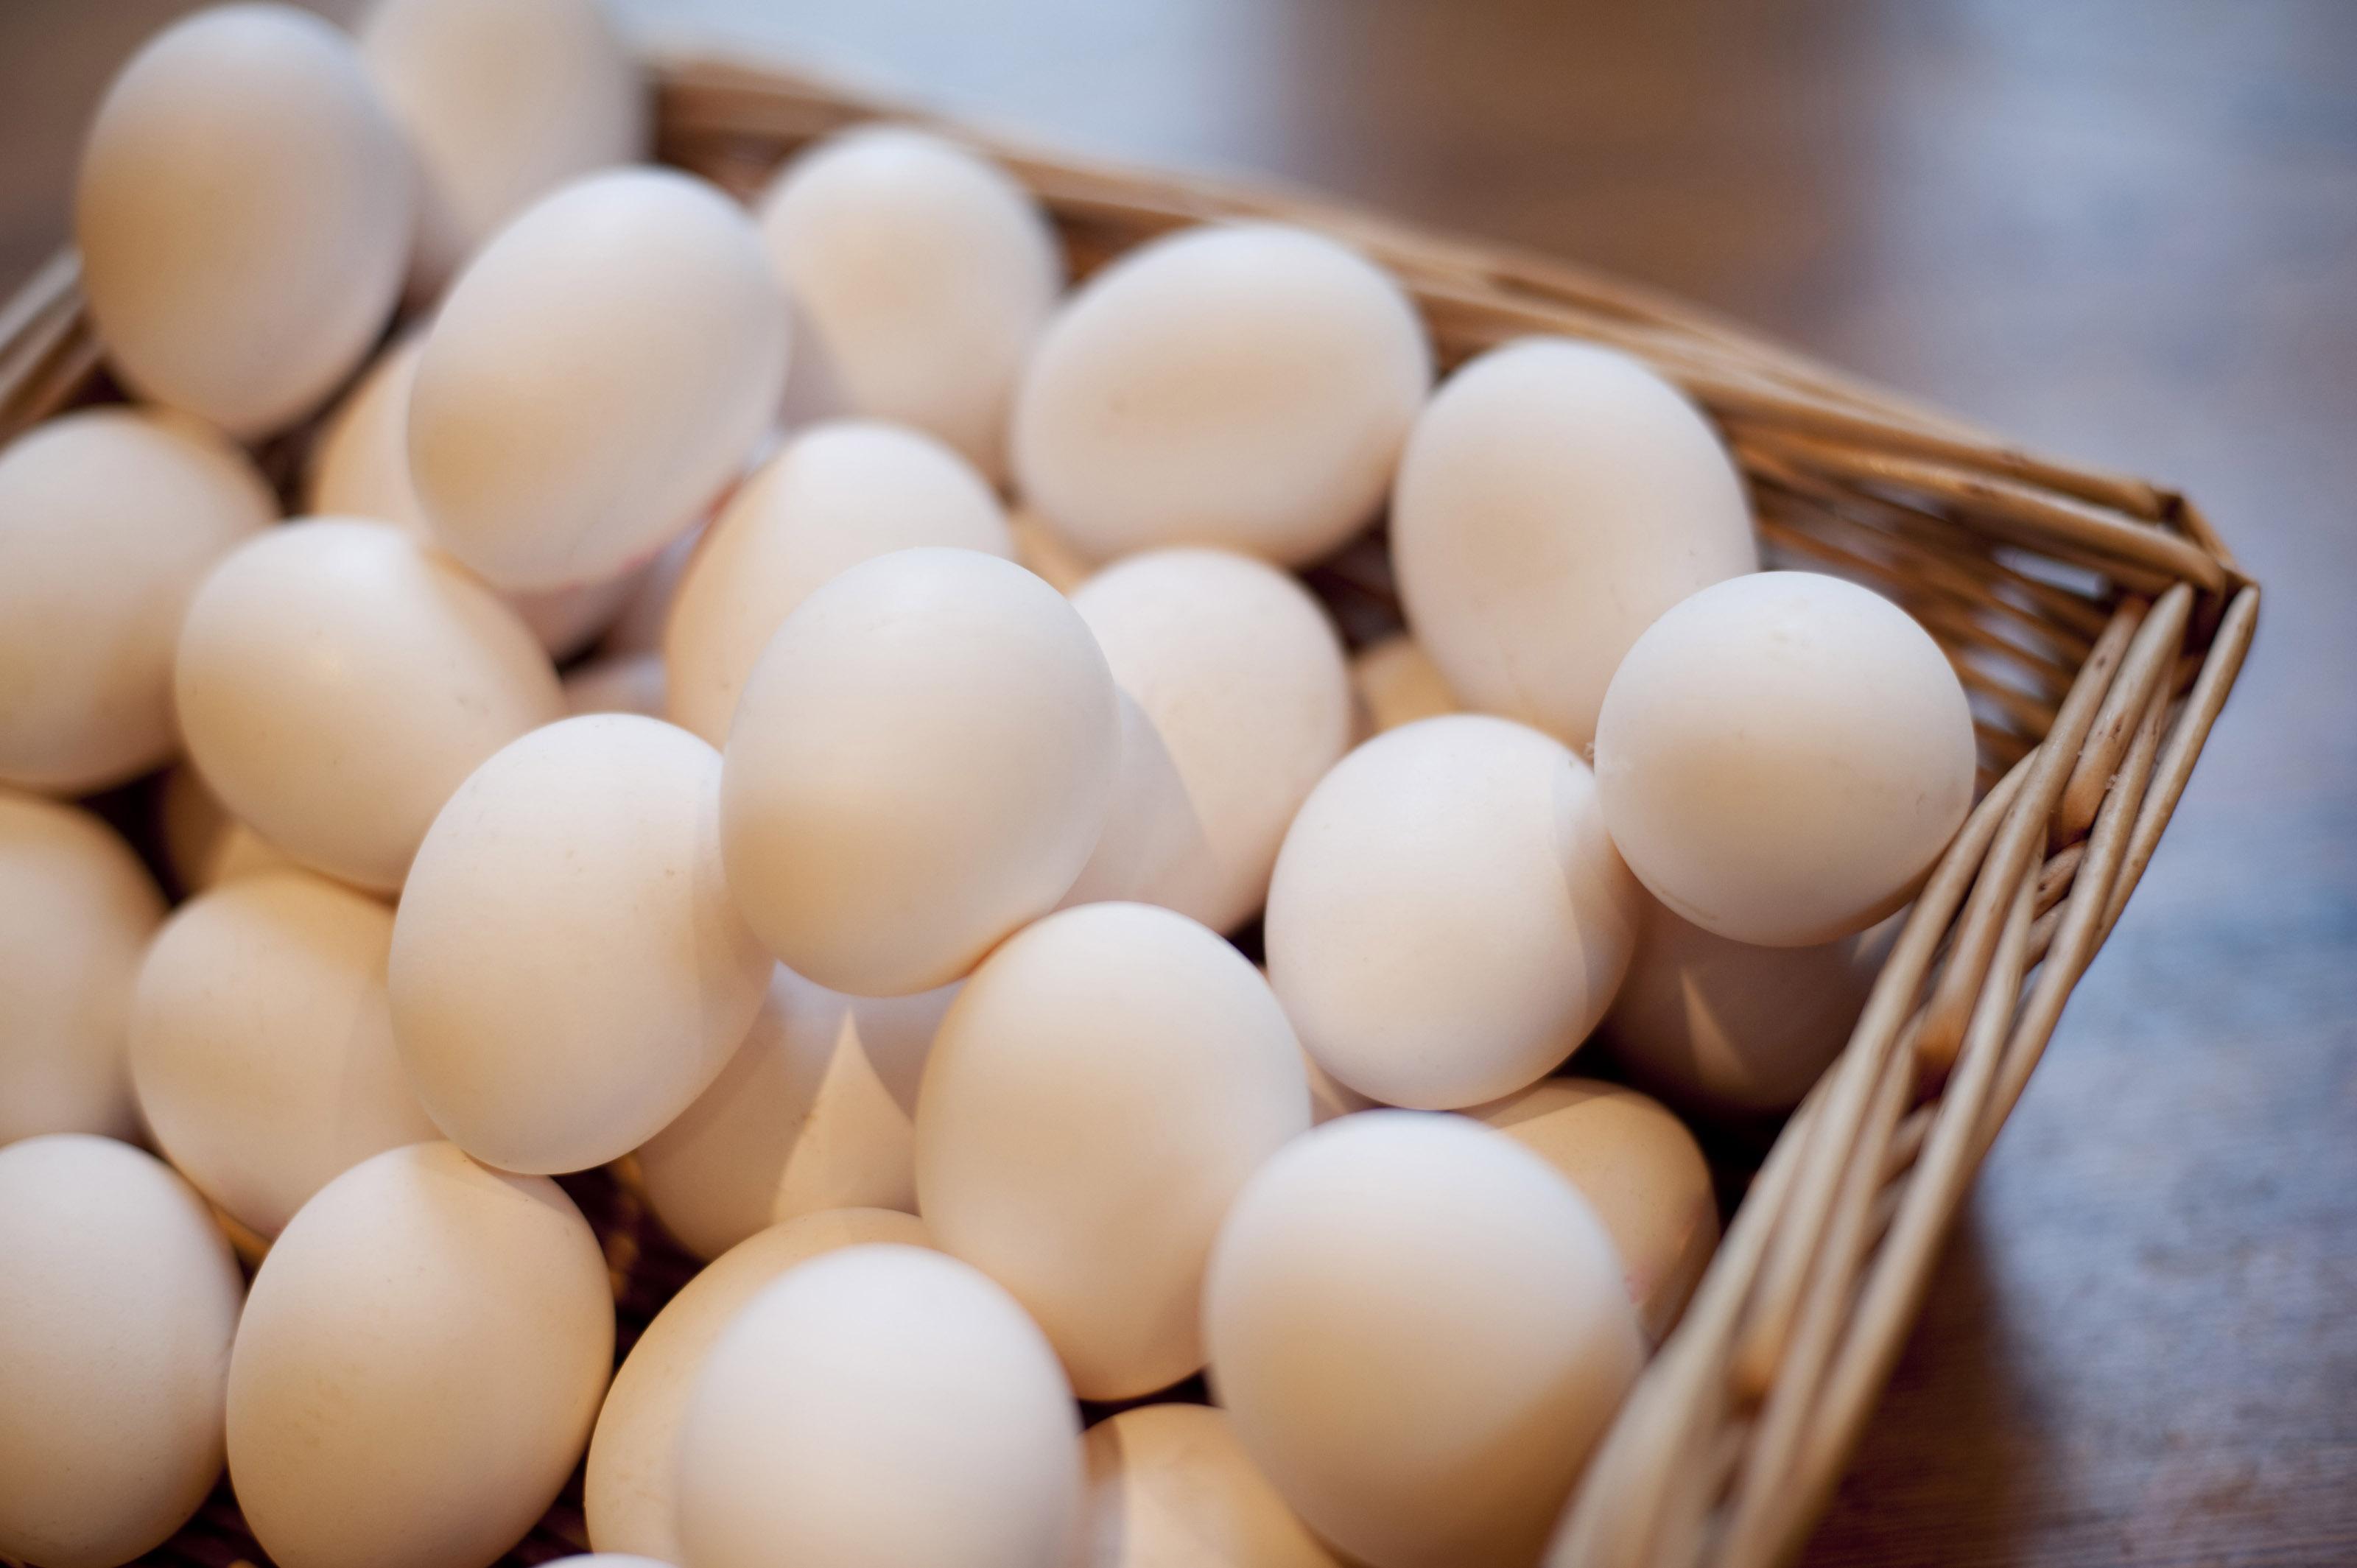 تخم مرغ گران شد/ ستاد تنظیم بازار و سازمان تعزیرات نظارت جدی بر بازار داشته باشند